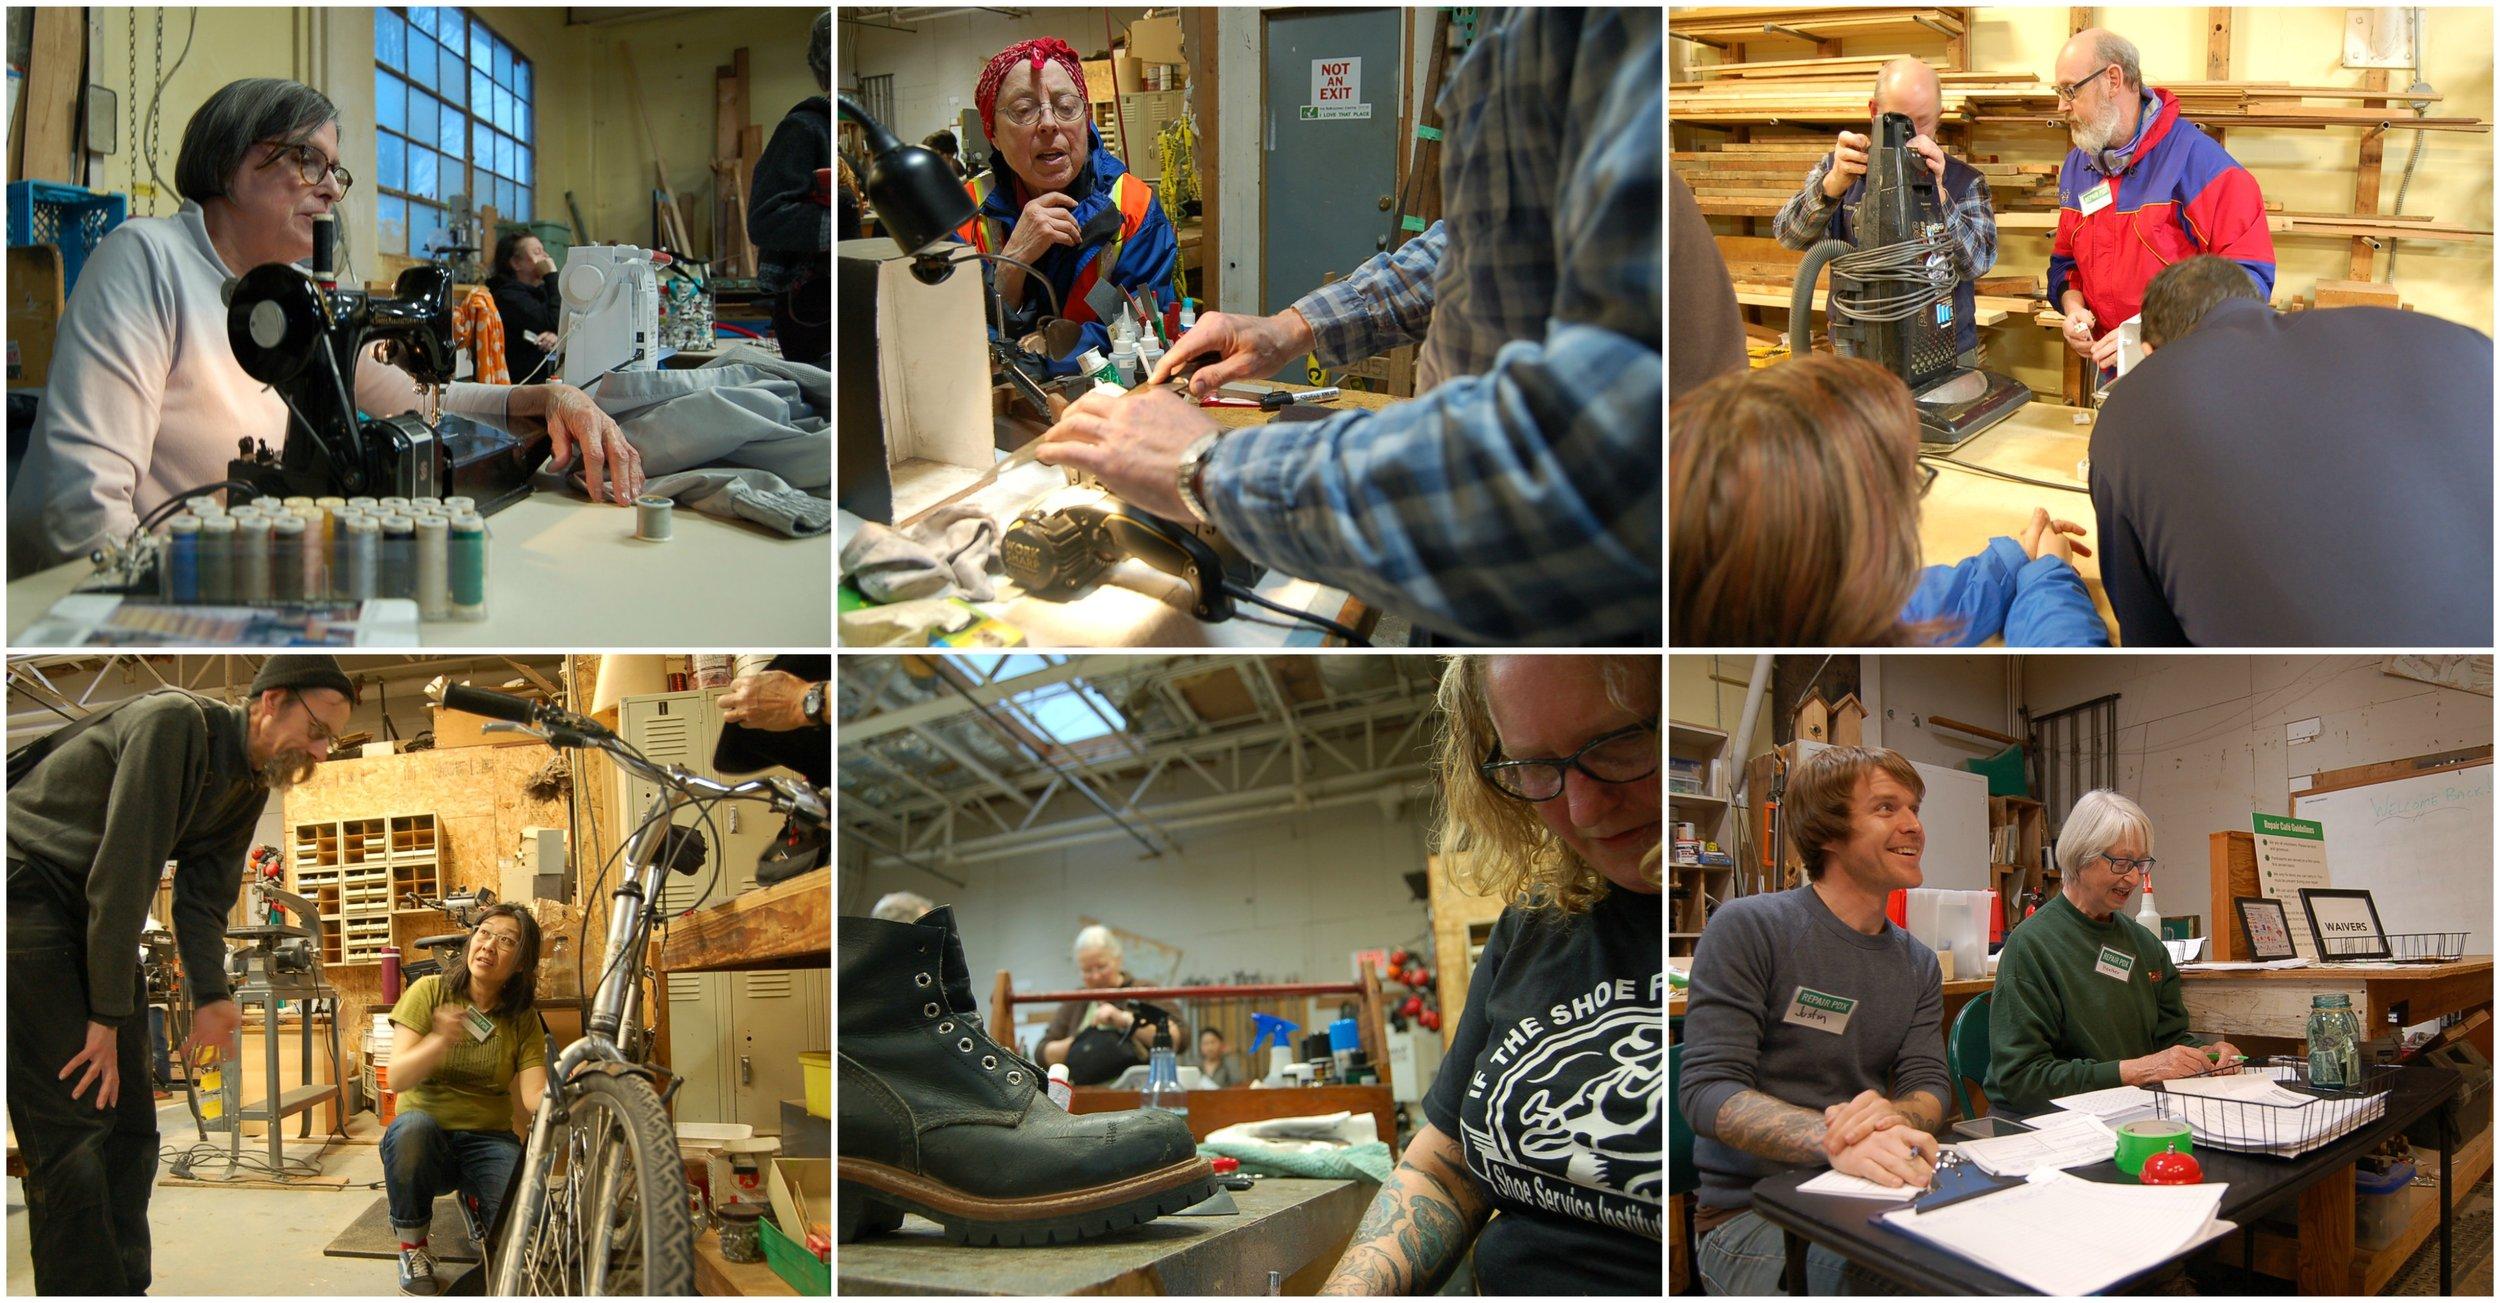 repair cafe collage.jpg